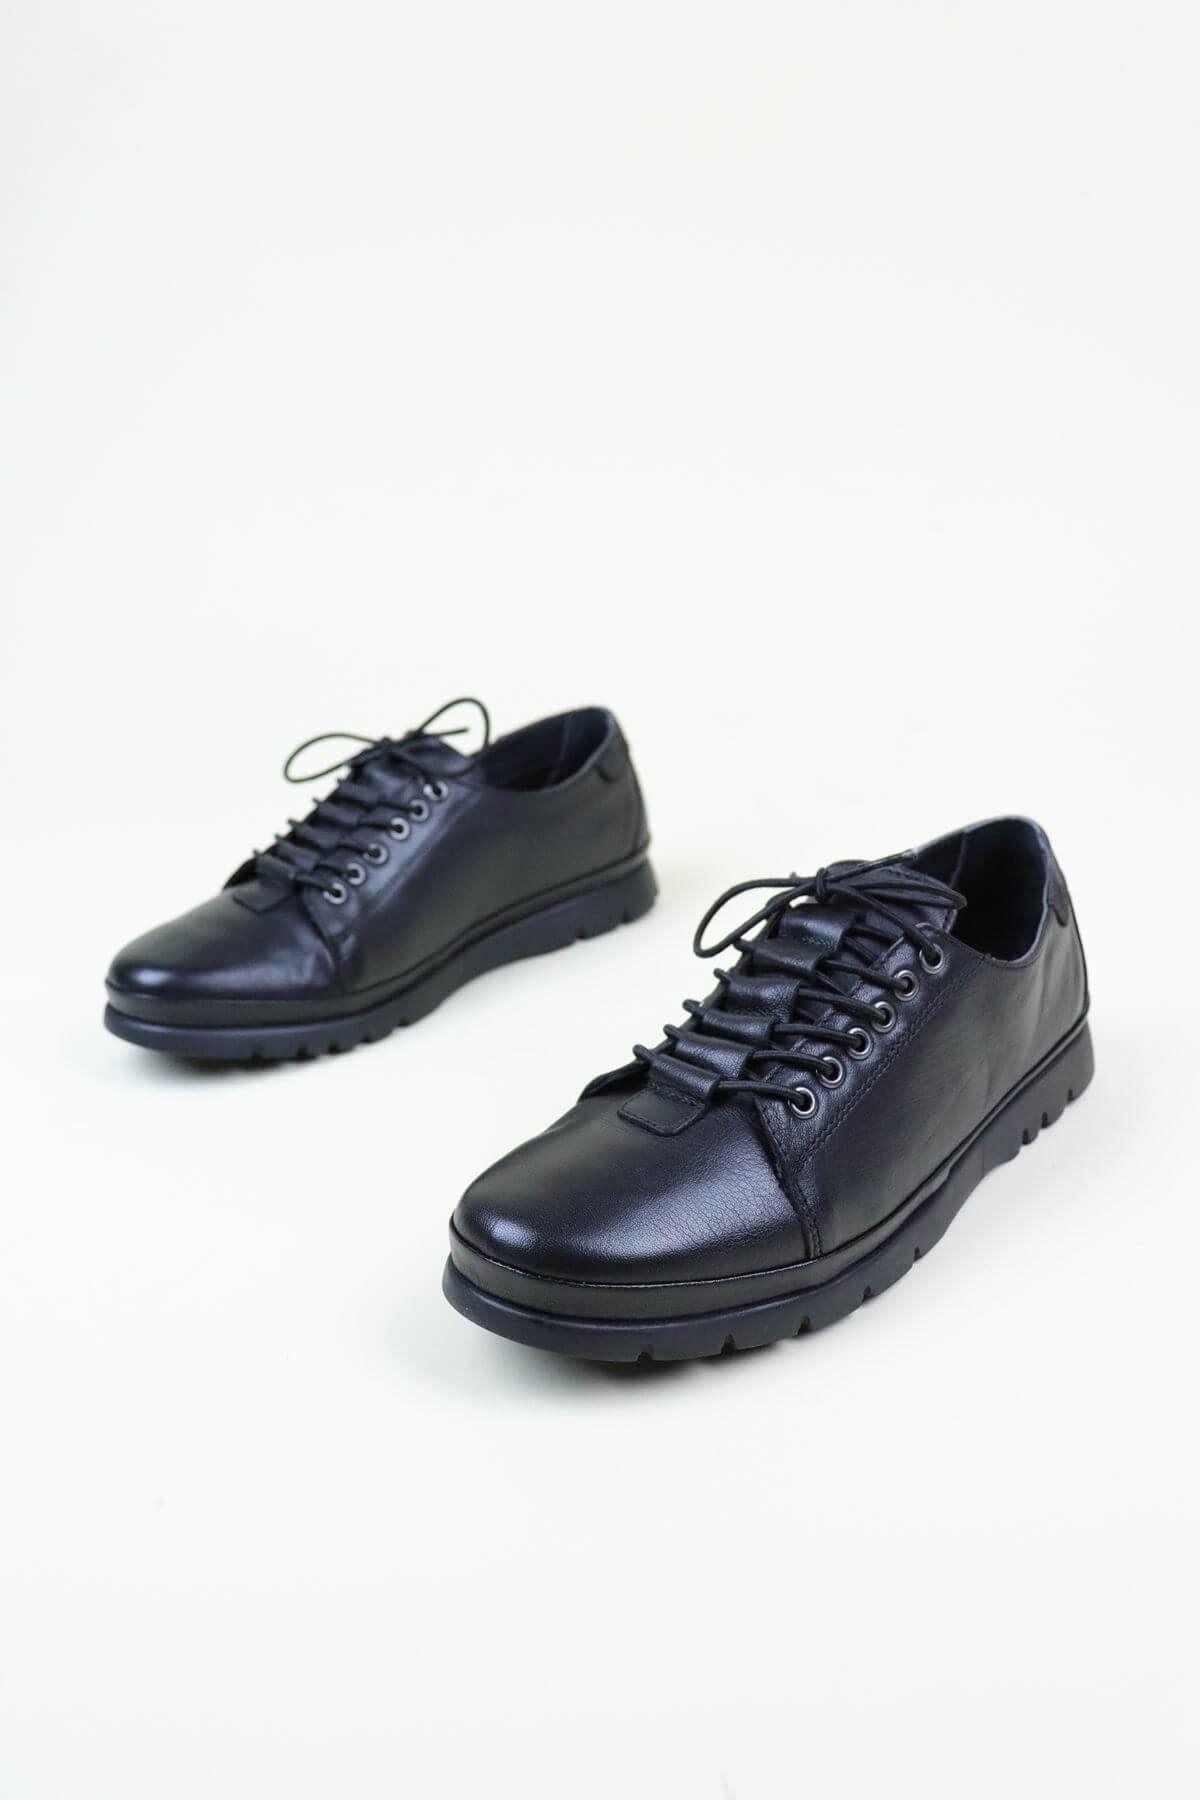 Venüs 1813622K Siyah Hakiki Deri Günlük Kadın Ayakkabı